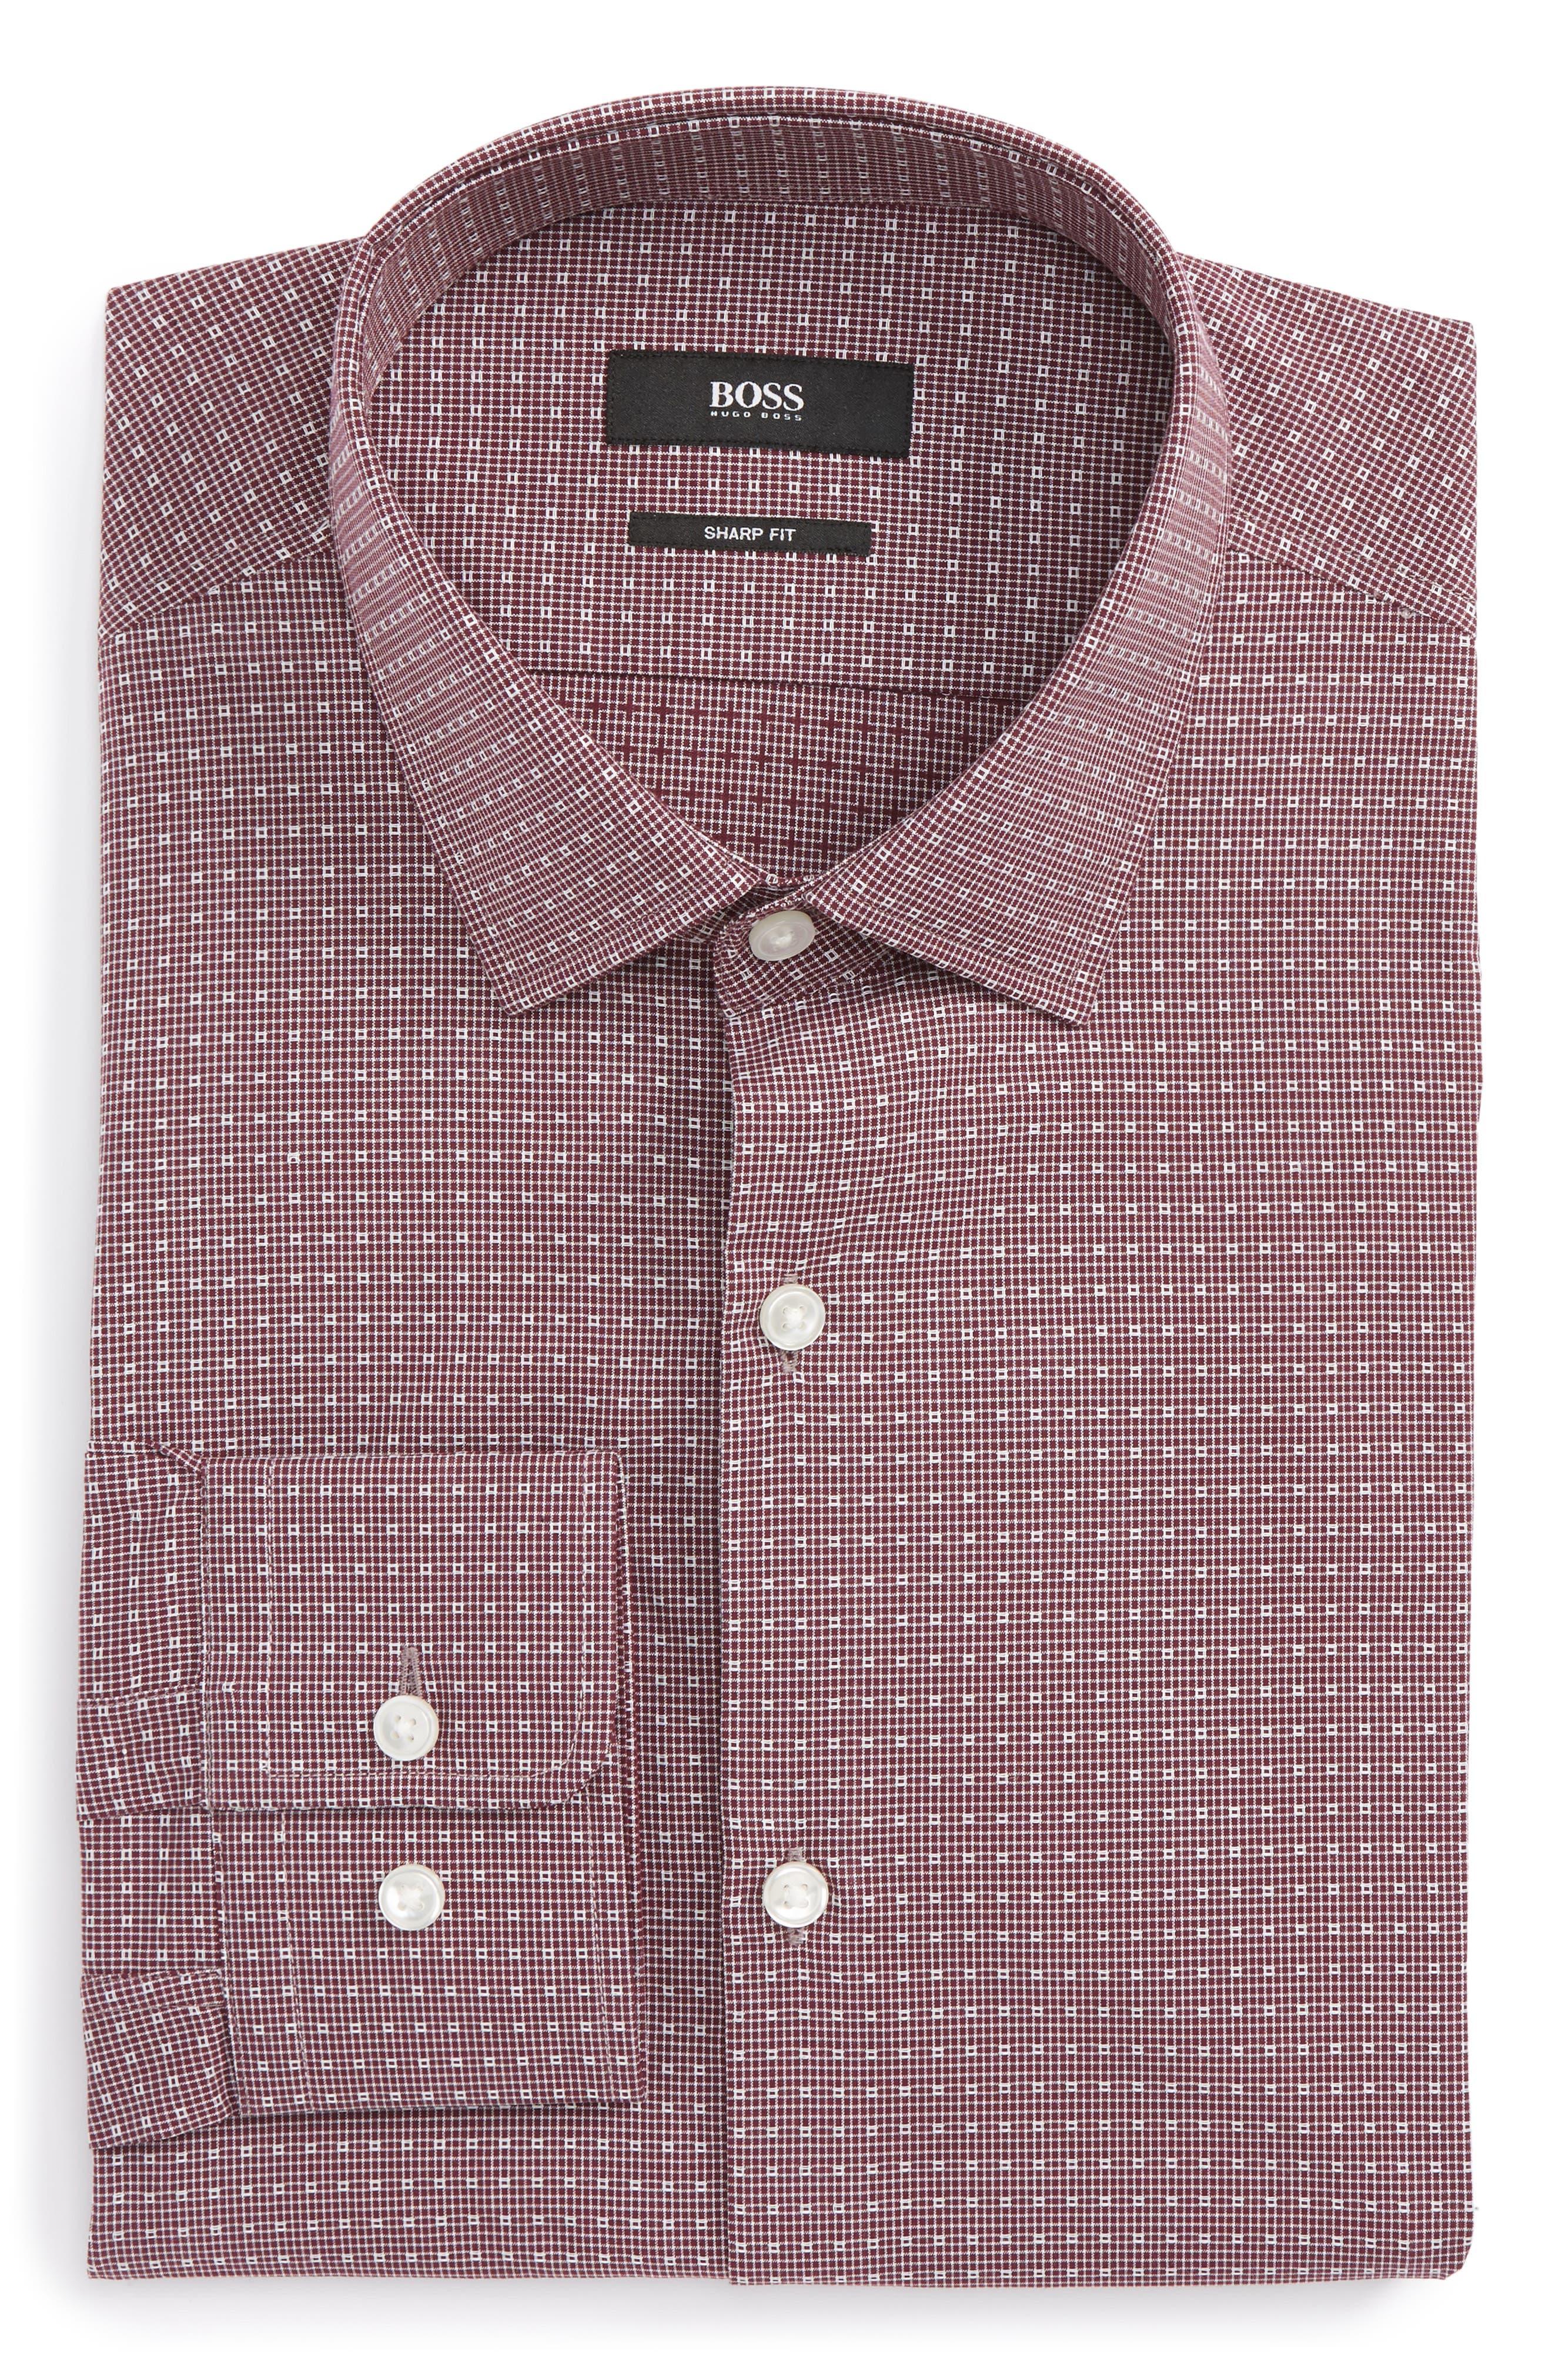 Marley Sharp Fit Check Dress Shirt,                             Main thumbnail 1, color,                             606